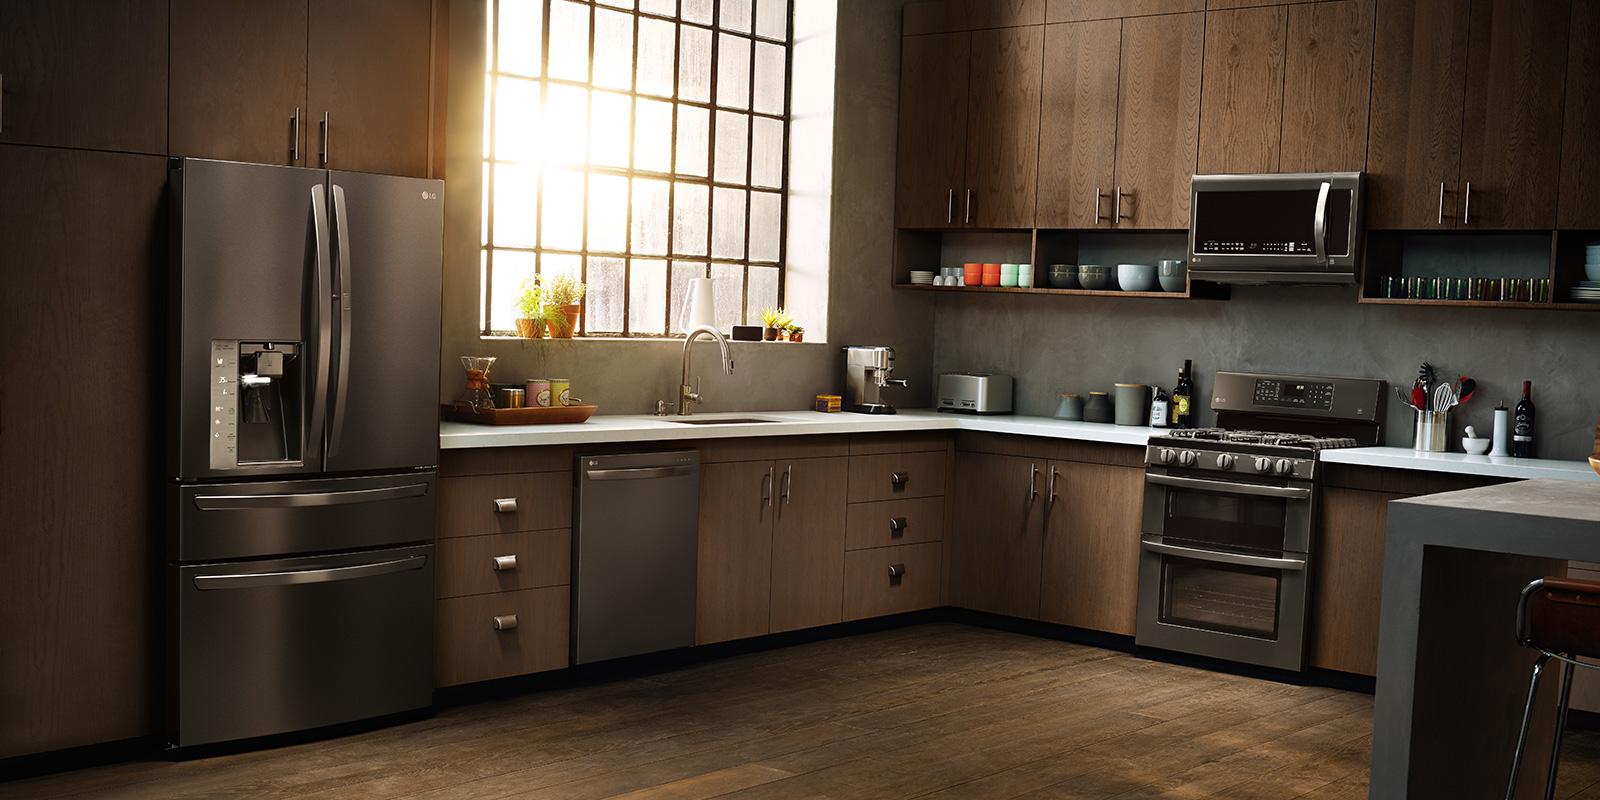 Miért válassza a konyhagépüzlet.hu-t?